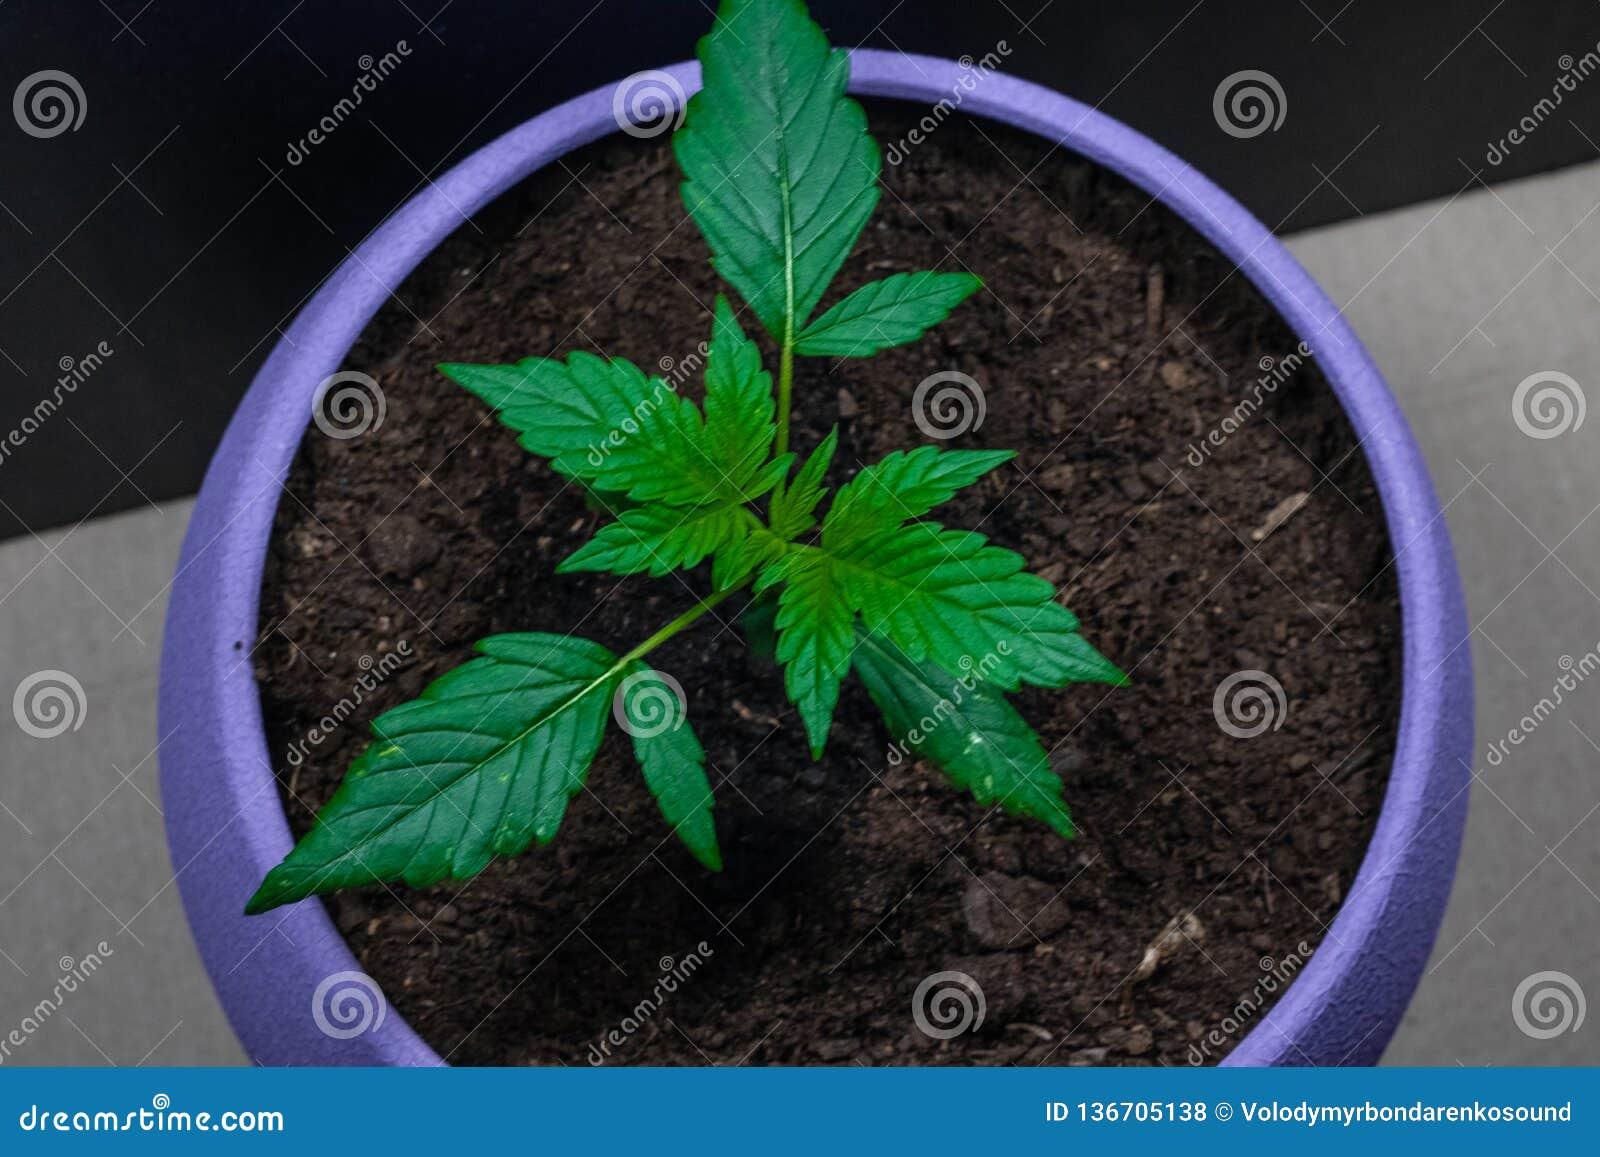 Базилик и конопля марихуана остаток в моче